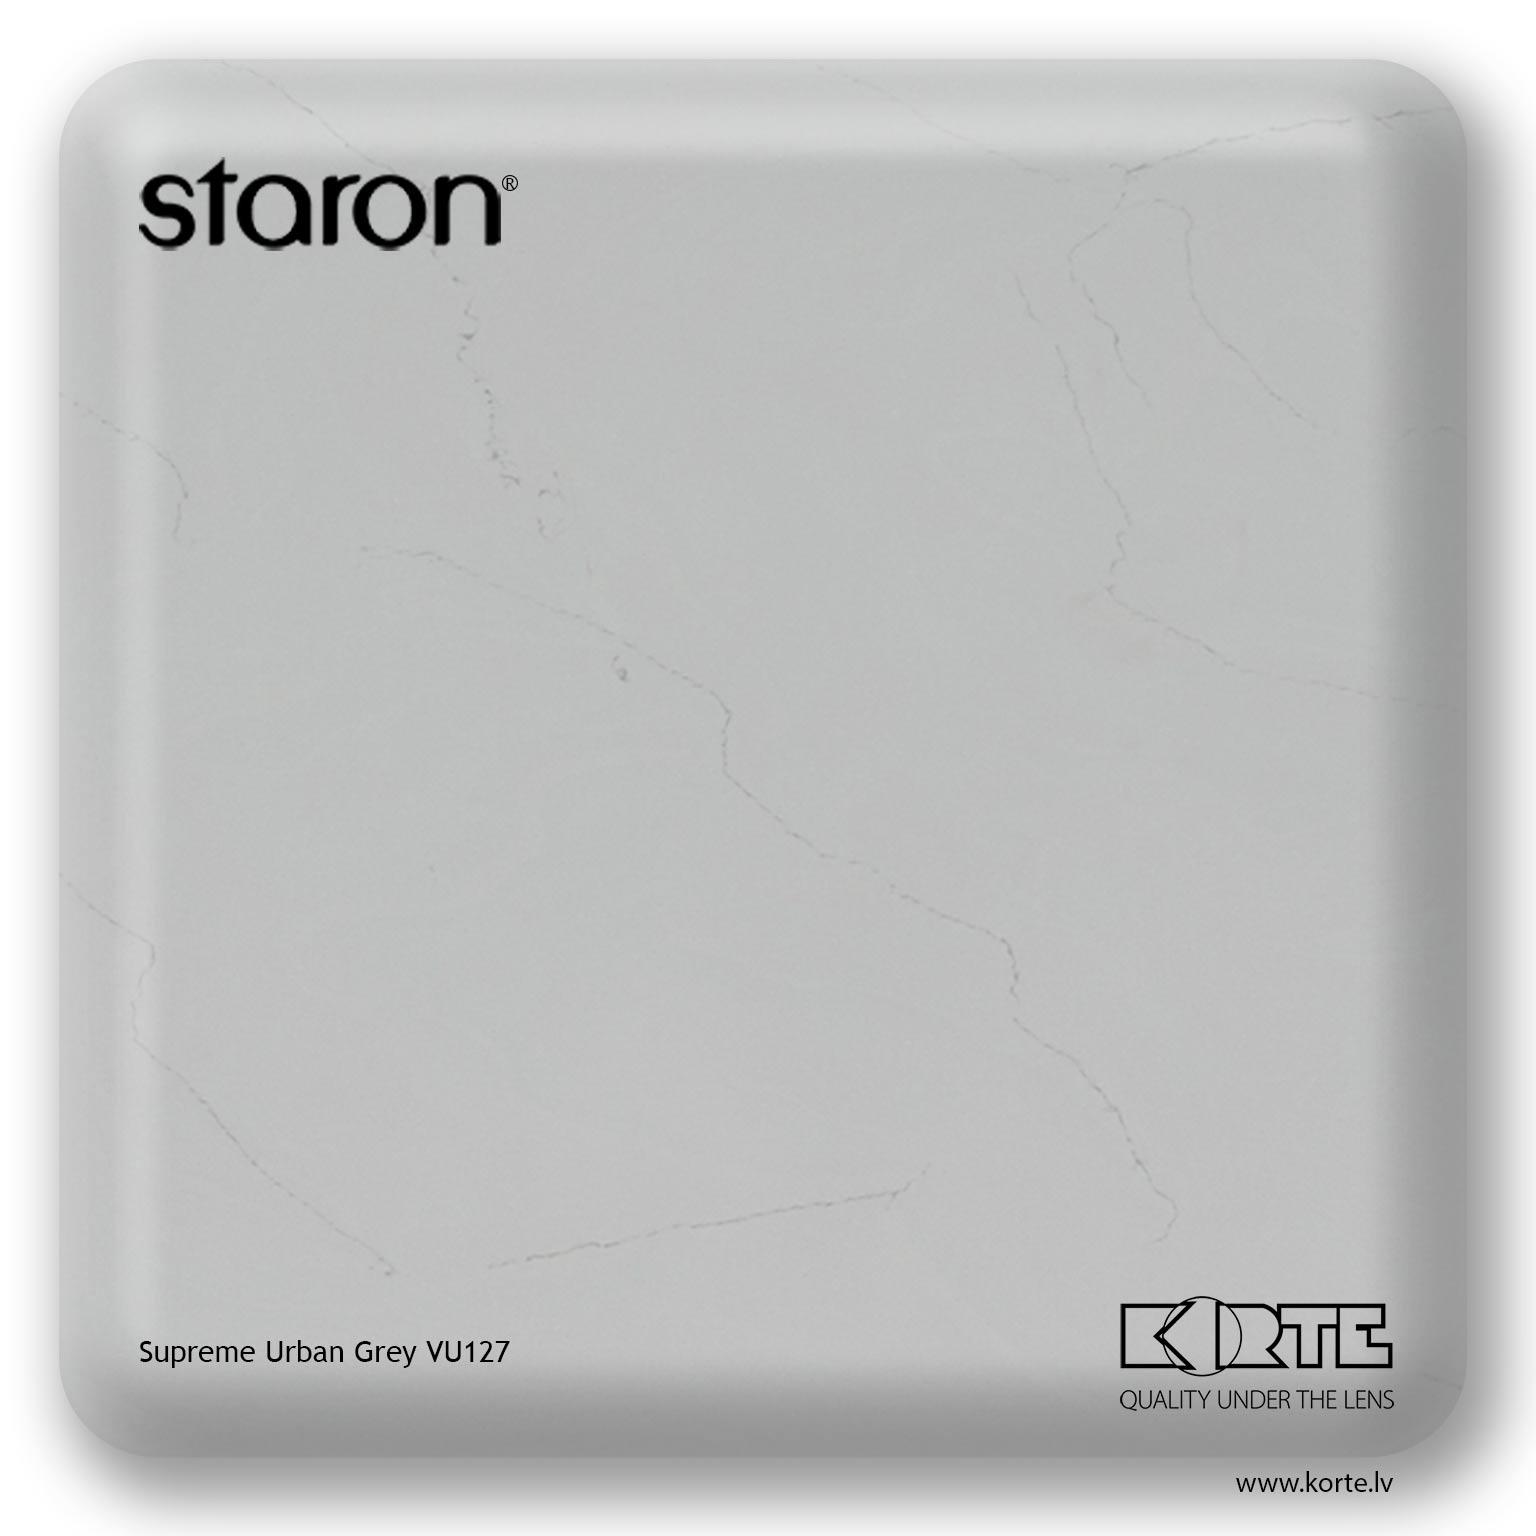 Staron Supreme Urban Grey VU127